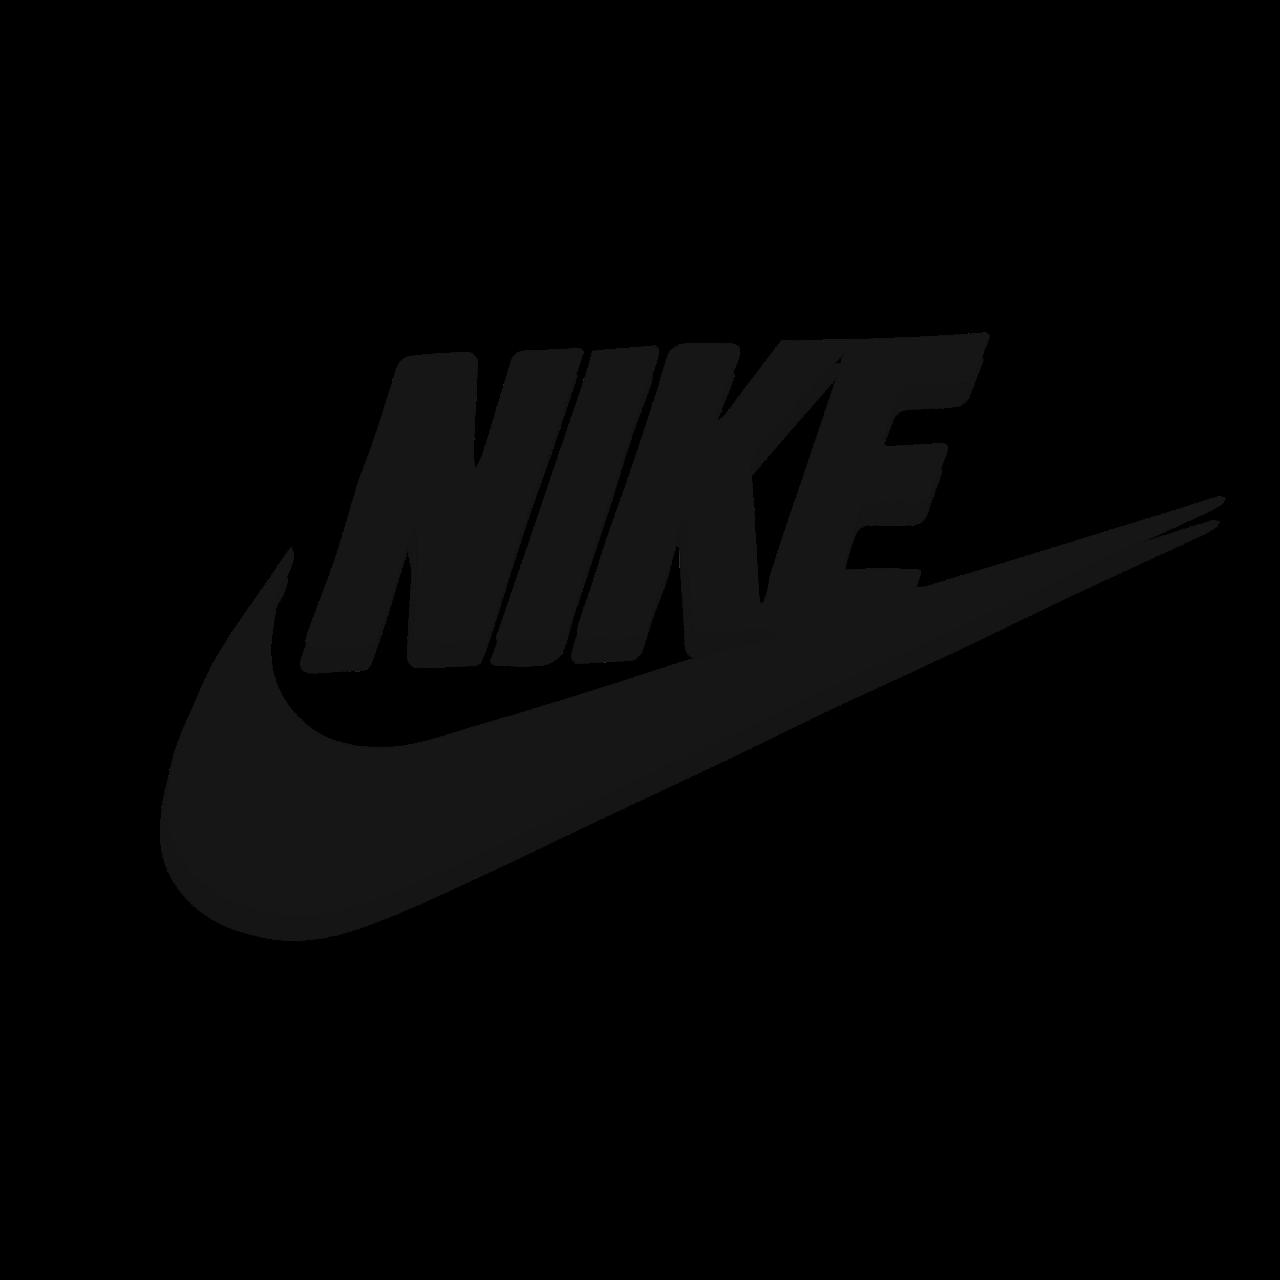 nike vecchio logo